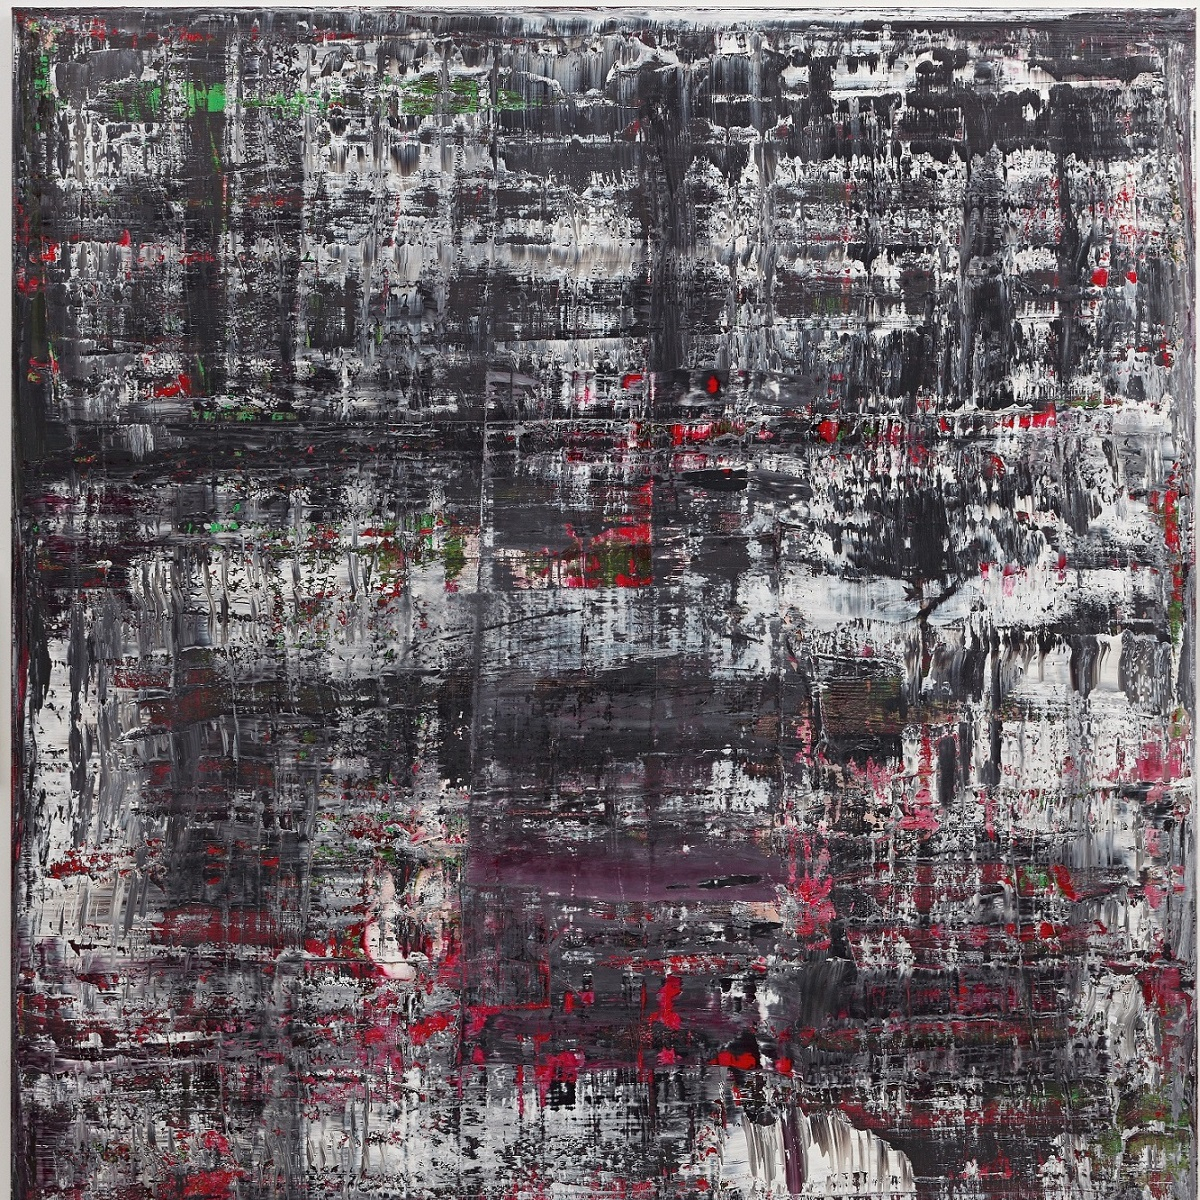 Gerhard Richter, Birkenau, 2014 l auf Leinwand, 260 x 200 cm GERHARD RICHTER KUNSTSTIFTUNG